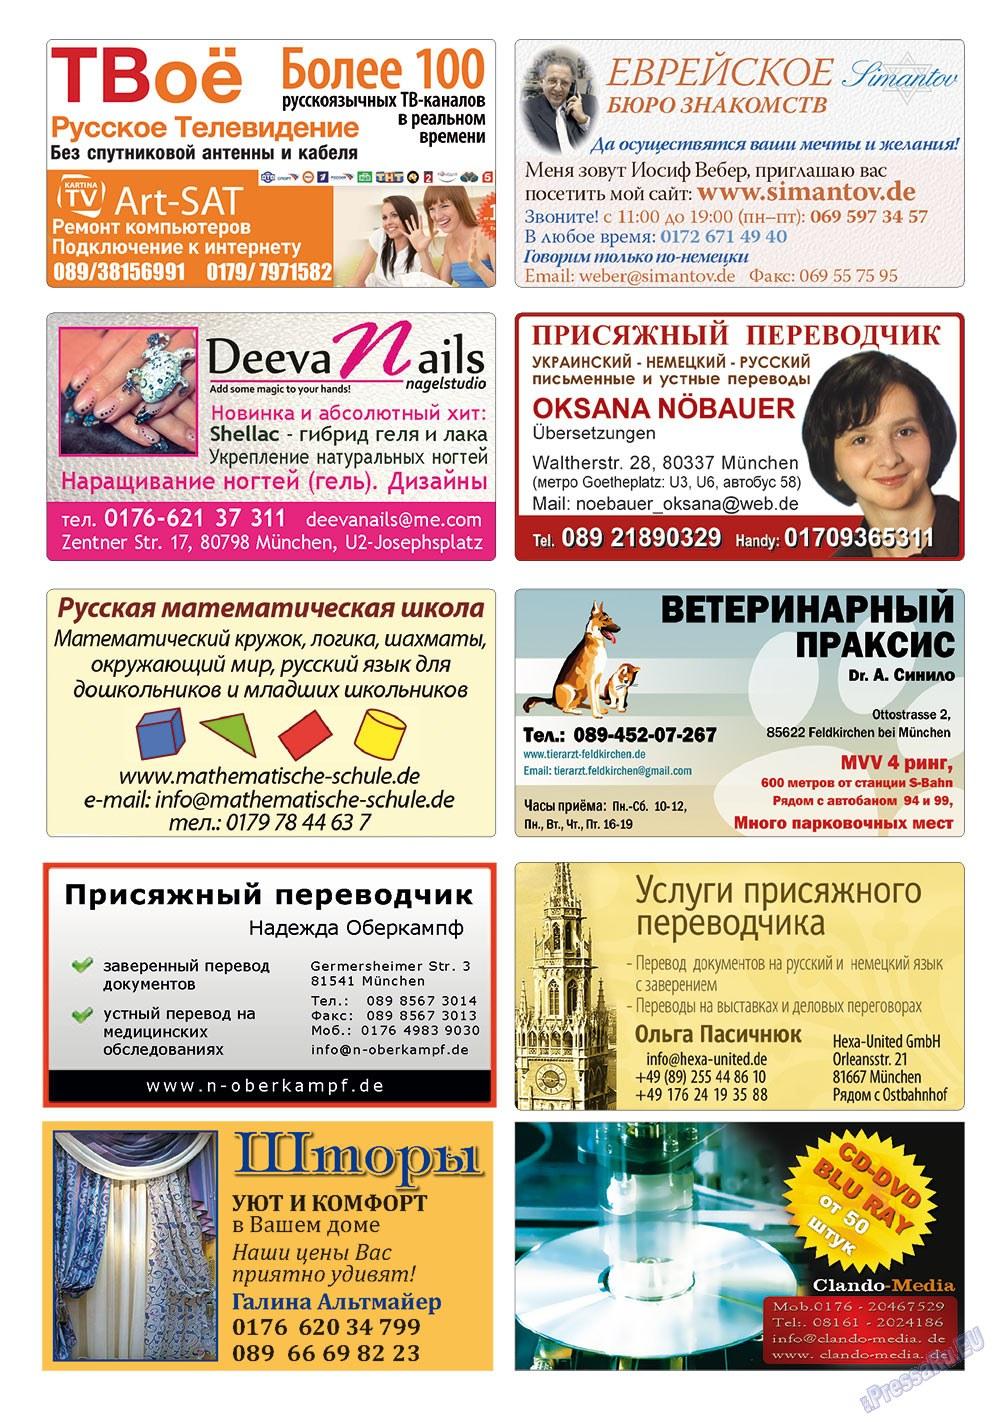 Апельсин (журнал). 2012 год, номер 35, стр. 34